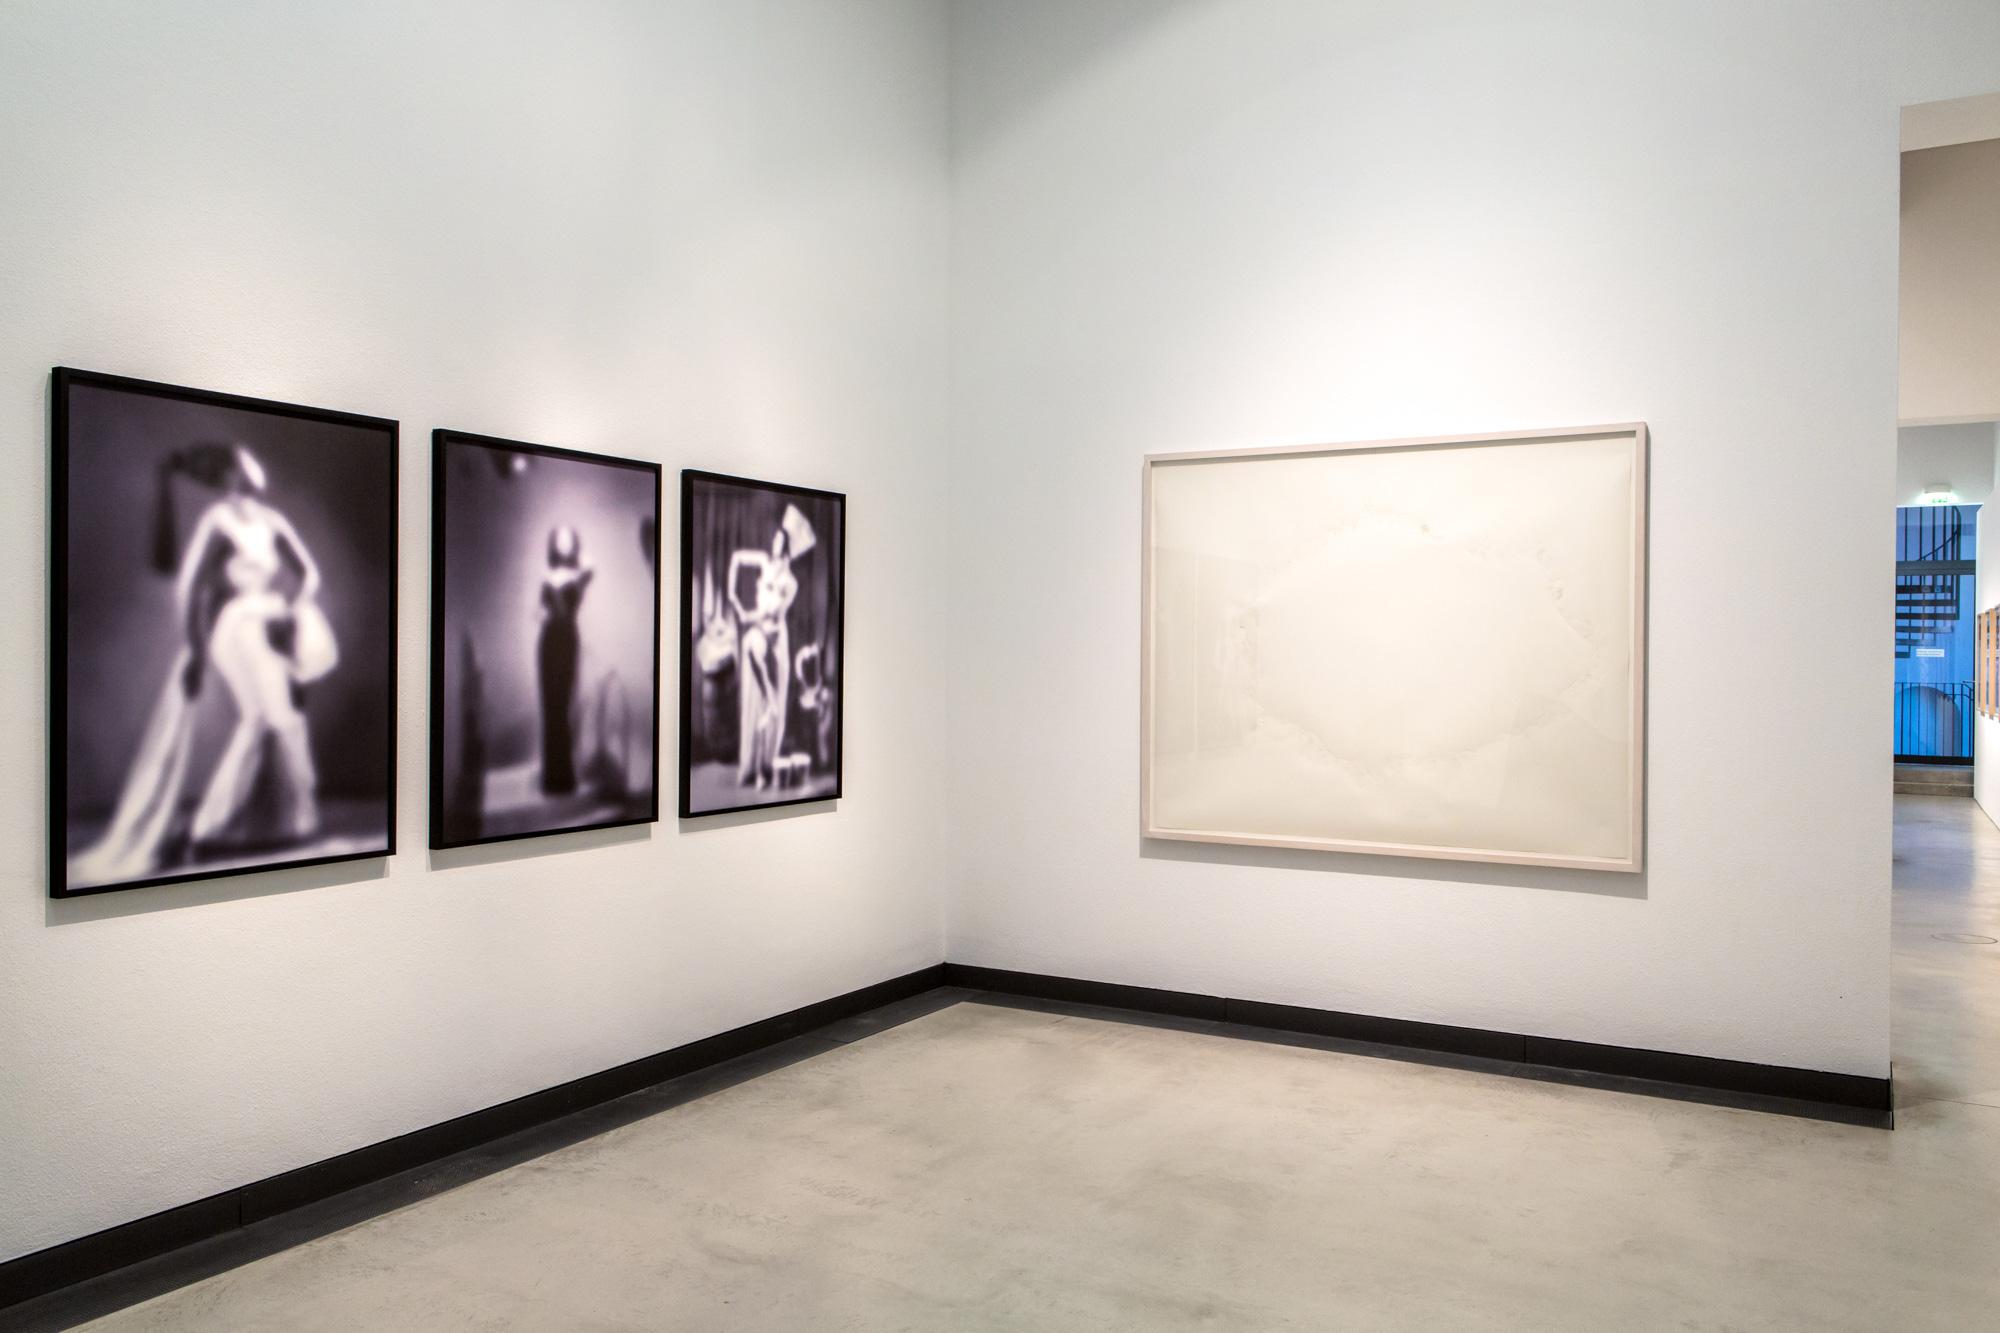 Galerie Barbara Thumm \ Carrie Mae Weems – 1 Million Rosen für Angelas Davis – Staatliche Kunstsammlungen Dresden